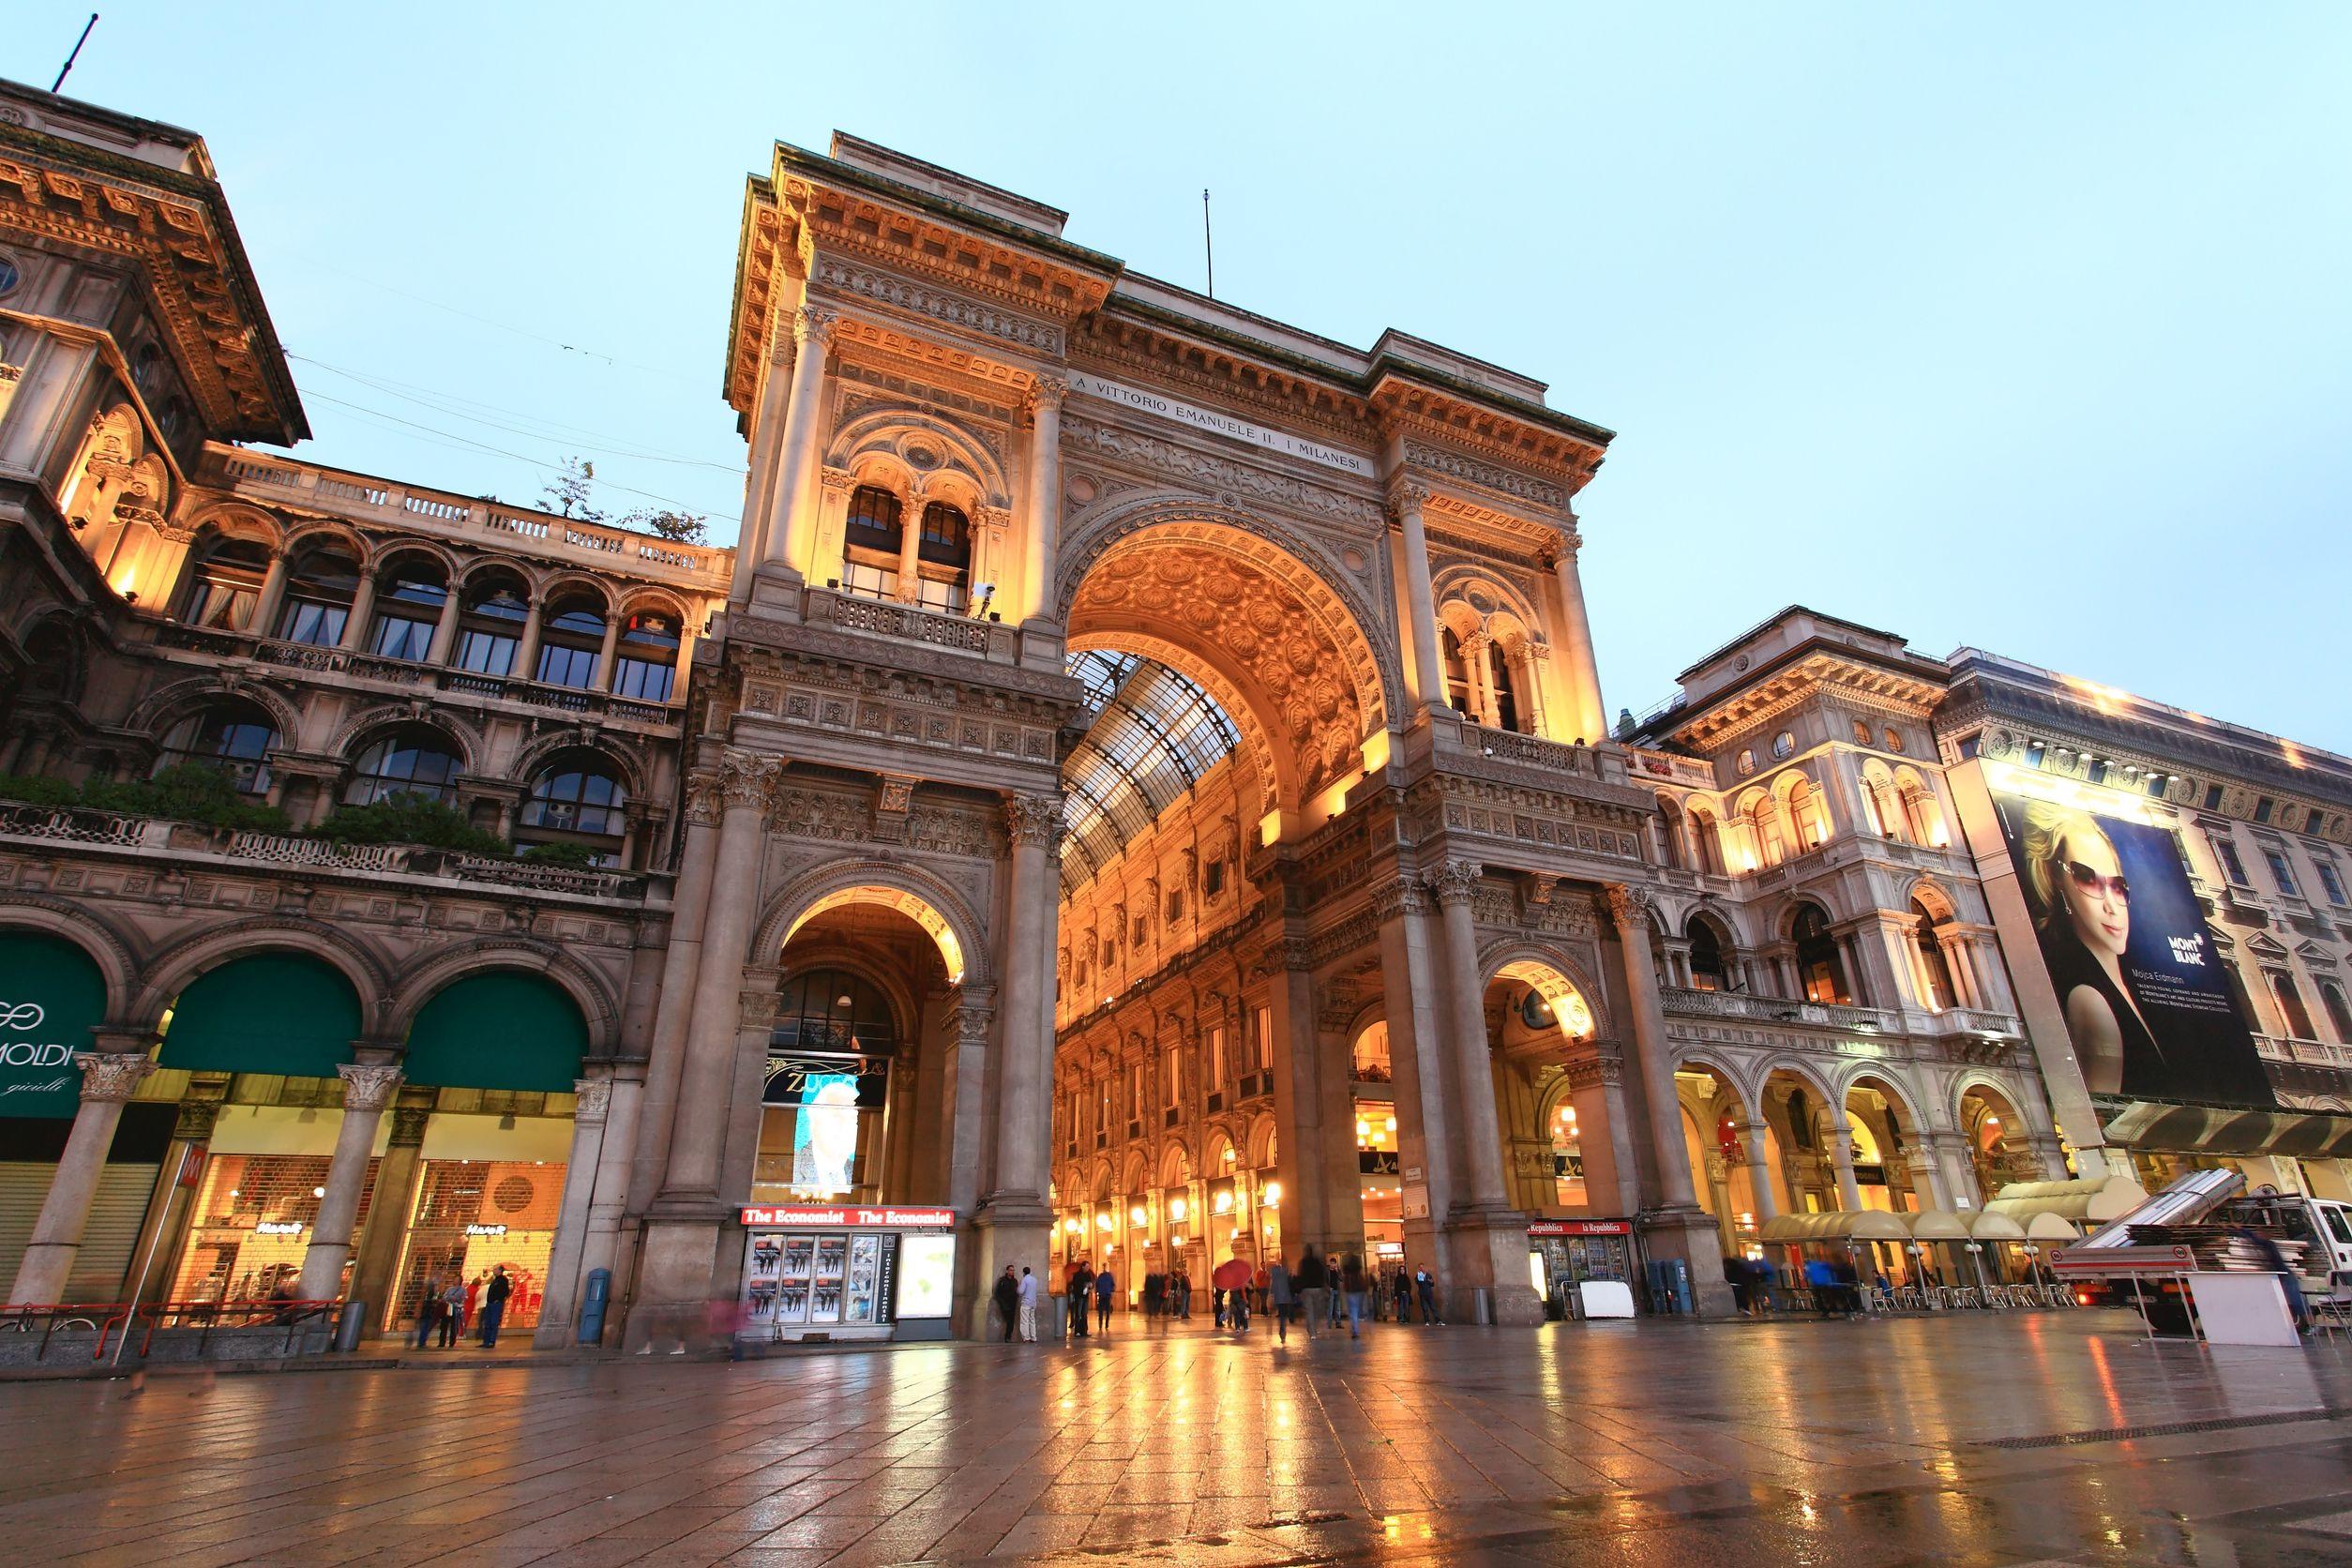 http://extranet.jetlinetravel.info/express-images/milan_designer_shopping.jpg